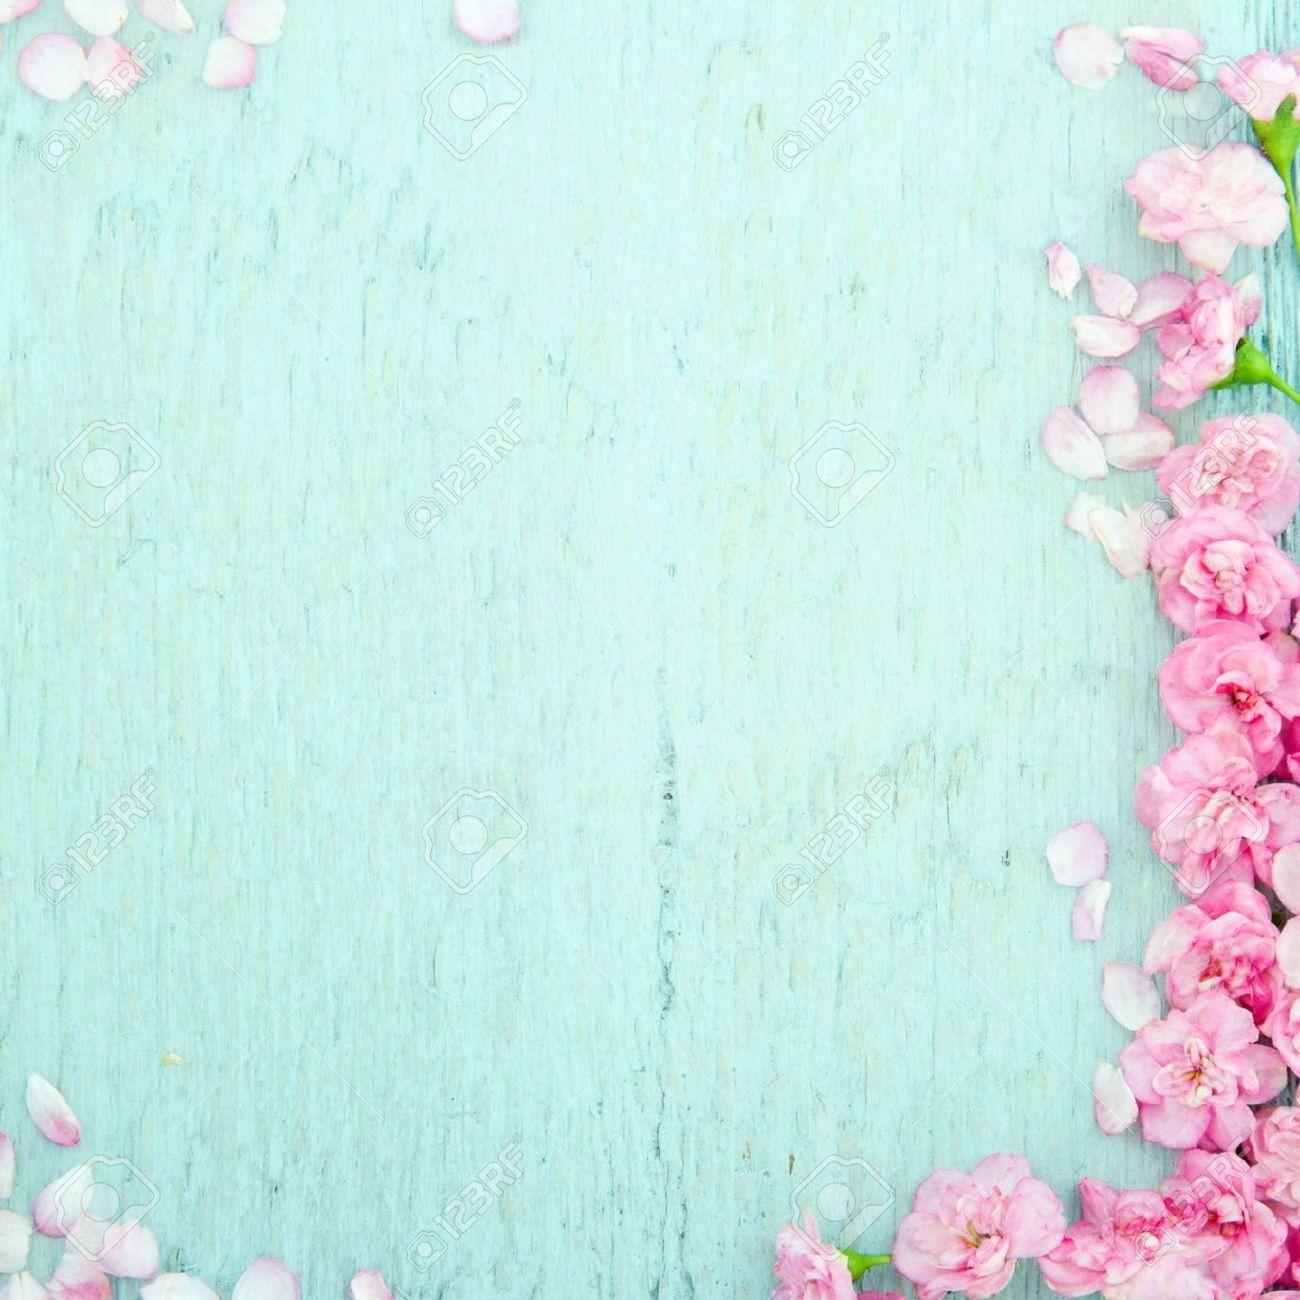 Cute tattoo ideas for your daughter fondo color menta y rosa  buscar con google  papel de carta